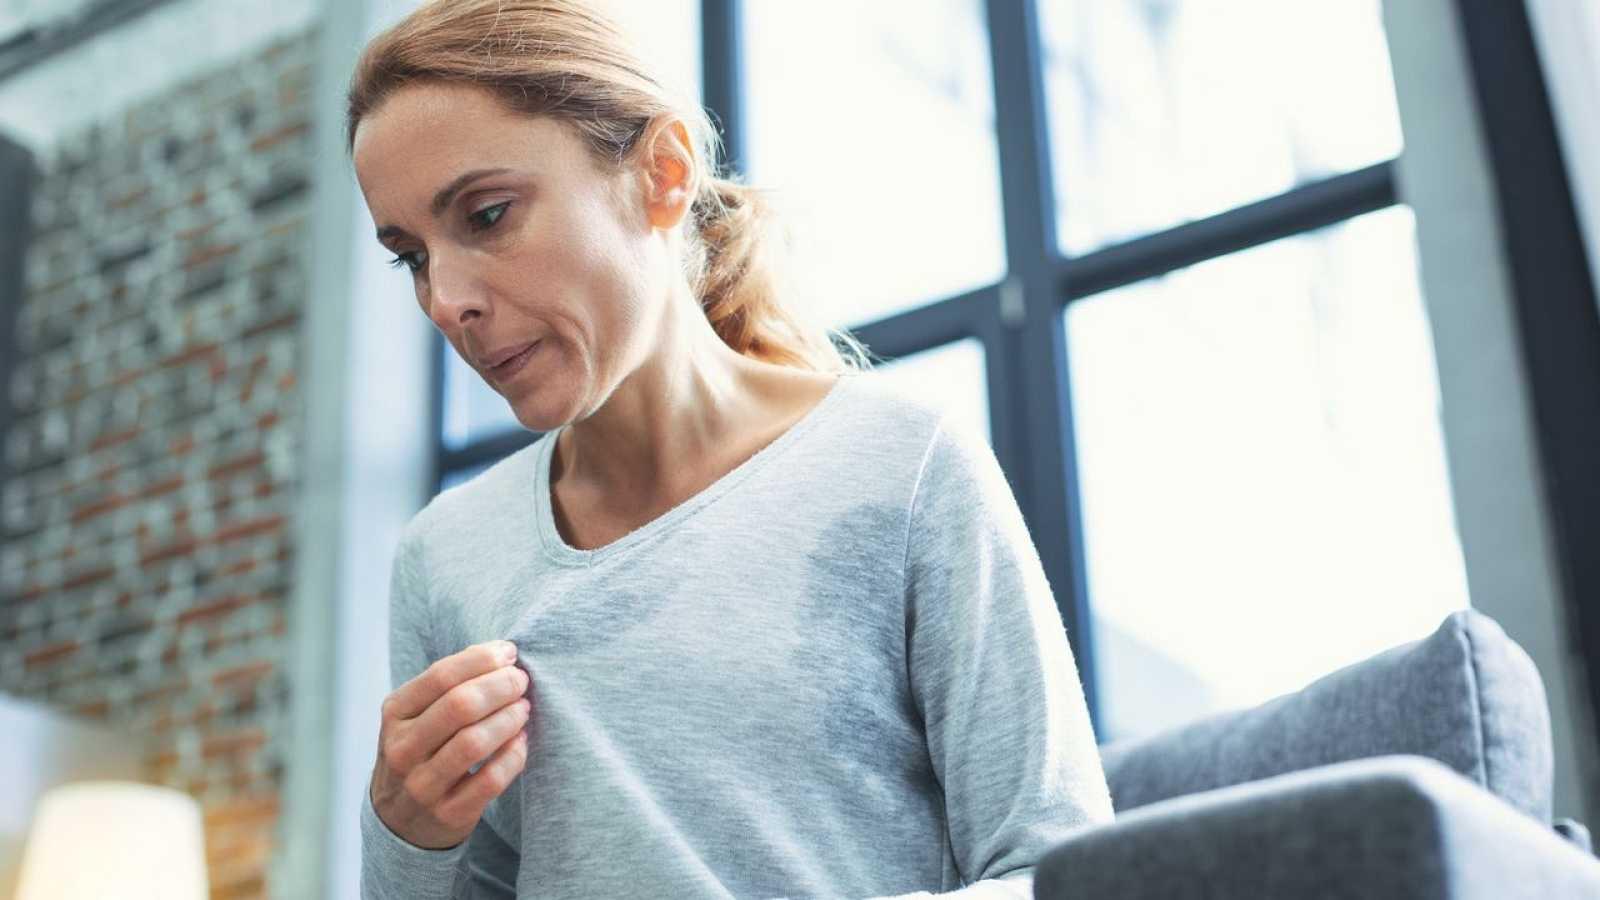 Tarde lo que tarde - El tabú de la menopausia - 03/03/21 - escuchar ahora